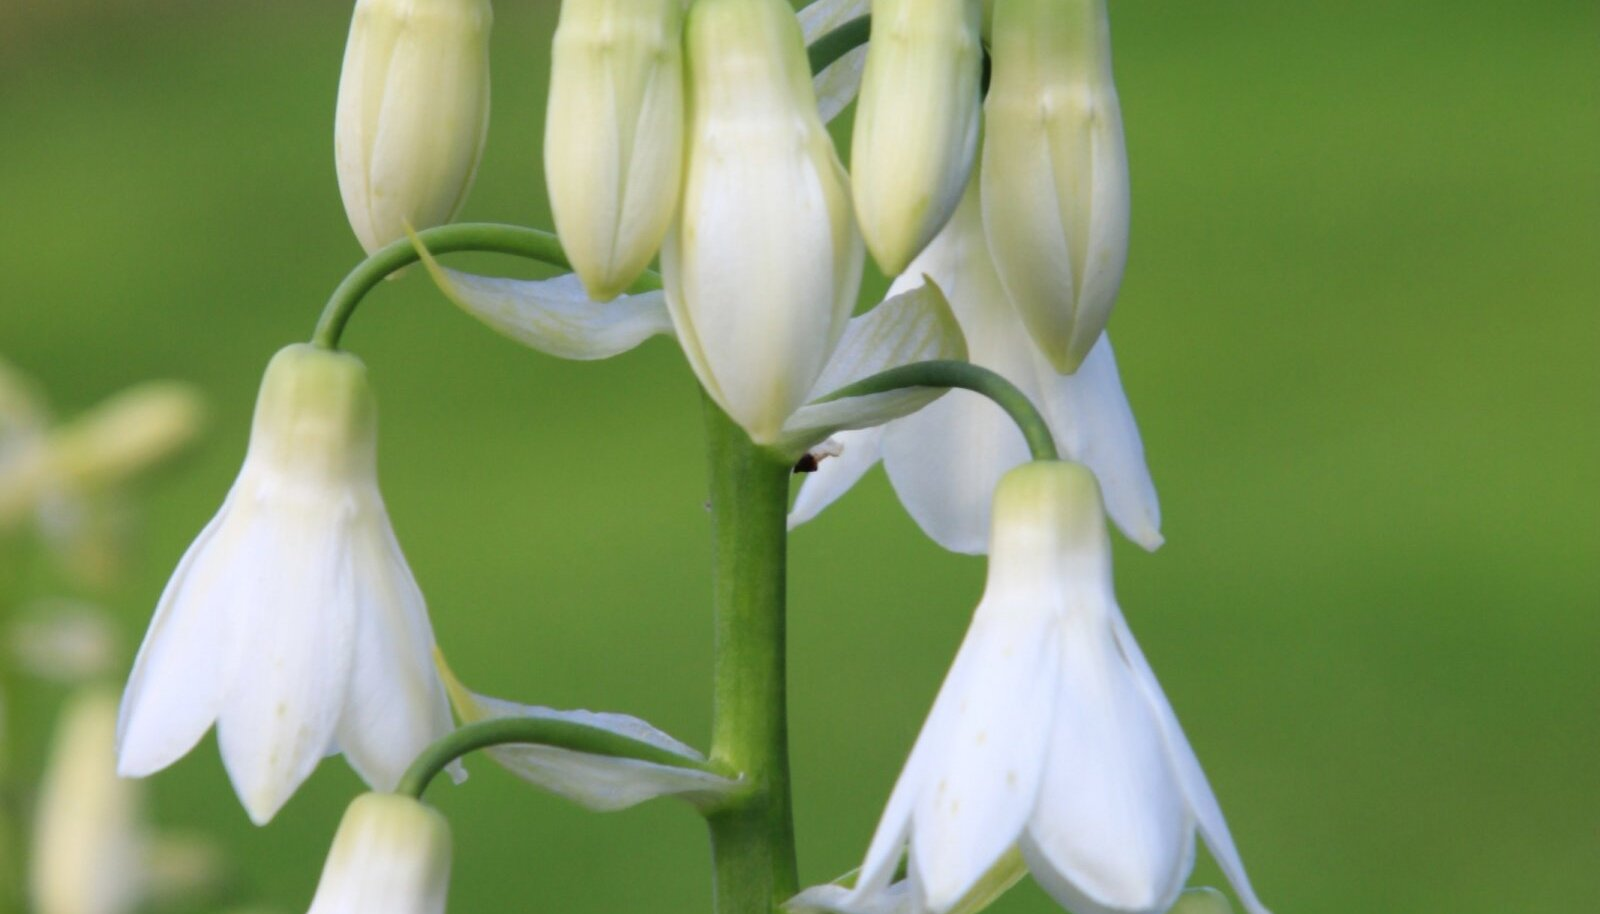 Valkja hiidhüatsindi õied on lumivalged ja ripuvad nagu kellukesed.